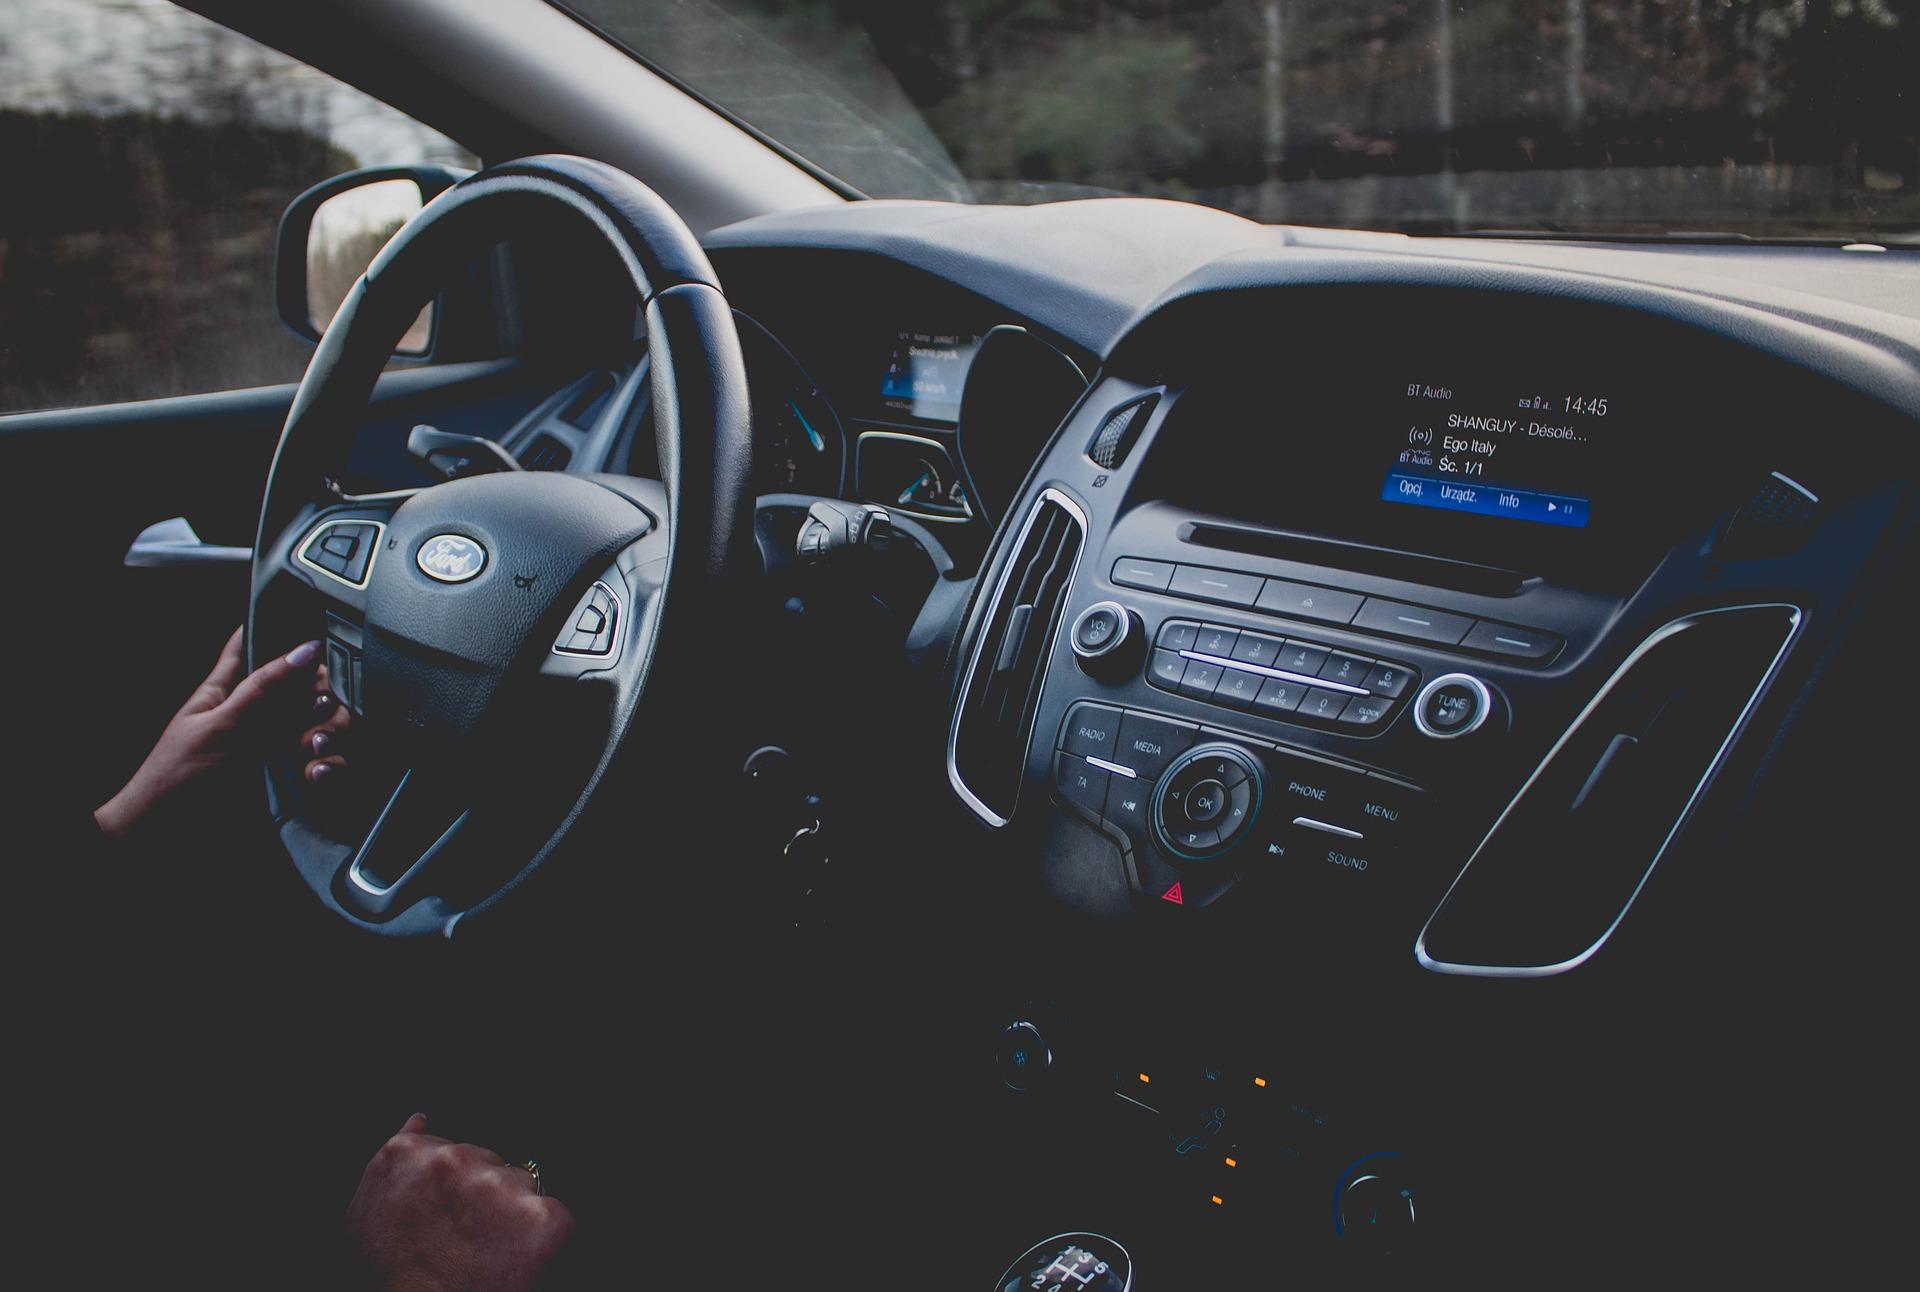 Ford LPG interieur - Agin BV